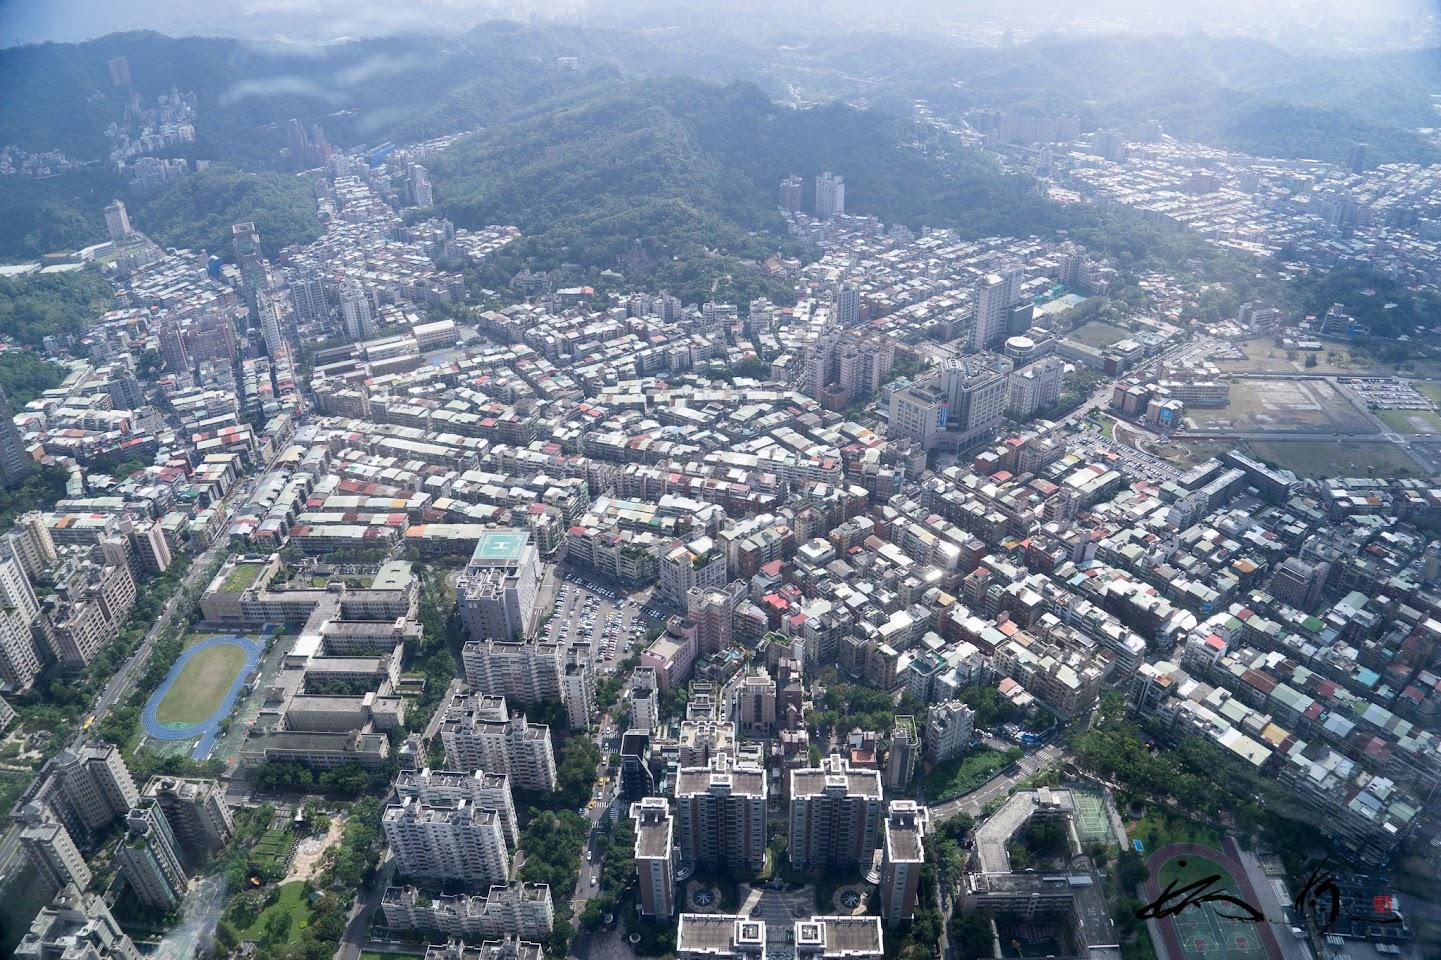 台北101展望台からの眺望(高さ509.2mで、地上101階)